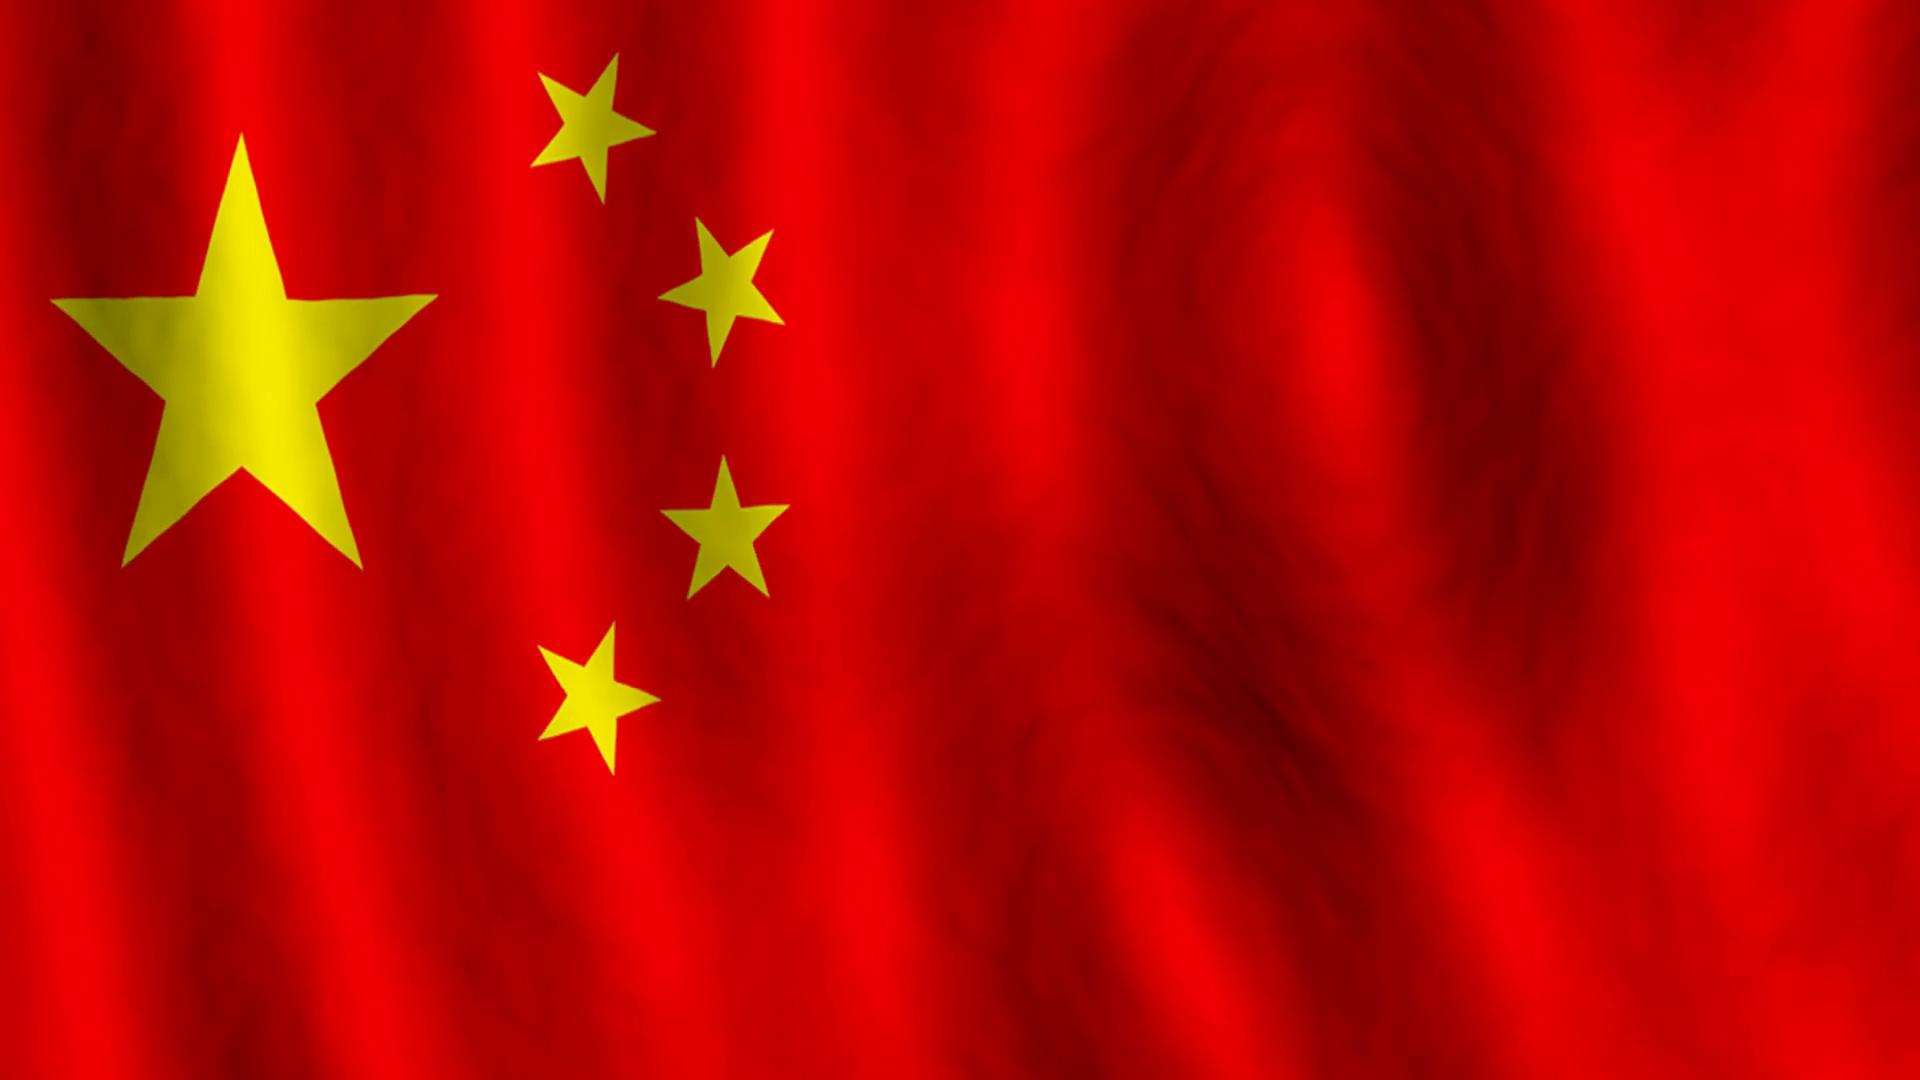 chinese flag bygsrmyls thumbnail 1080 01 - درآمد استخراج بیت کوین در پی سرکوب چین به 33 میلیون دلار در روز افزایش یافت